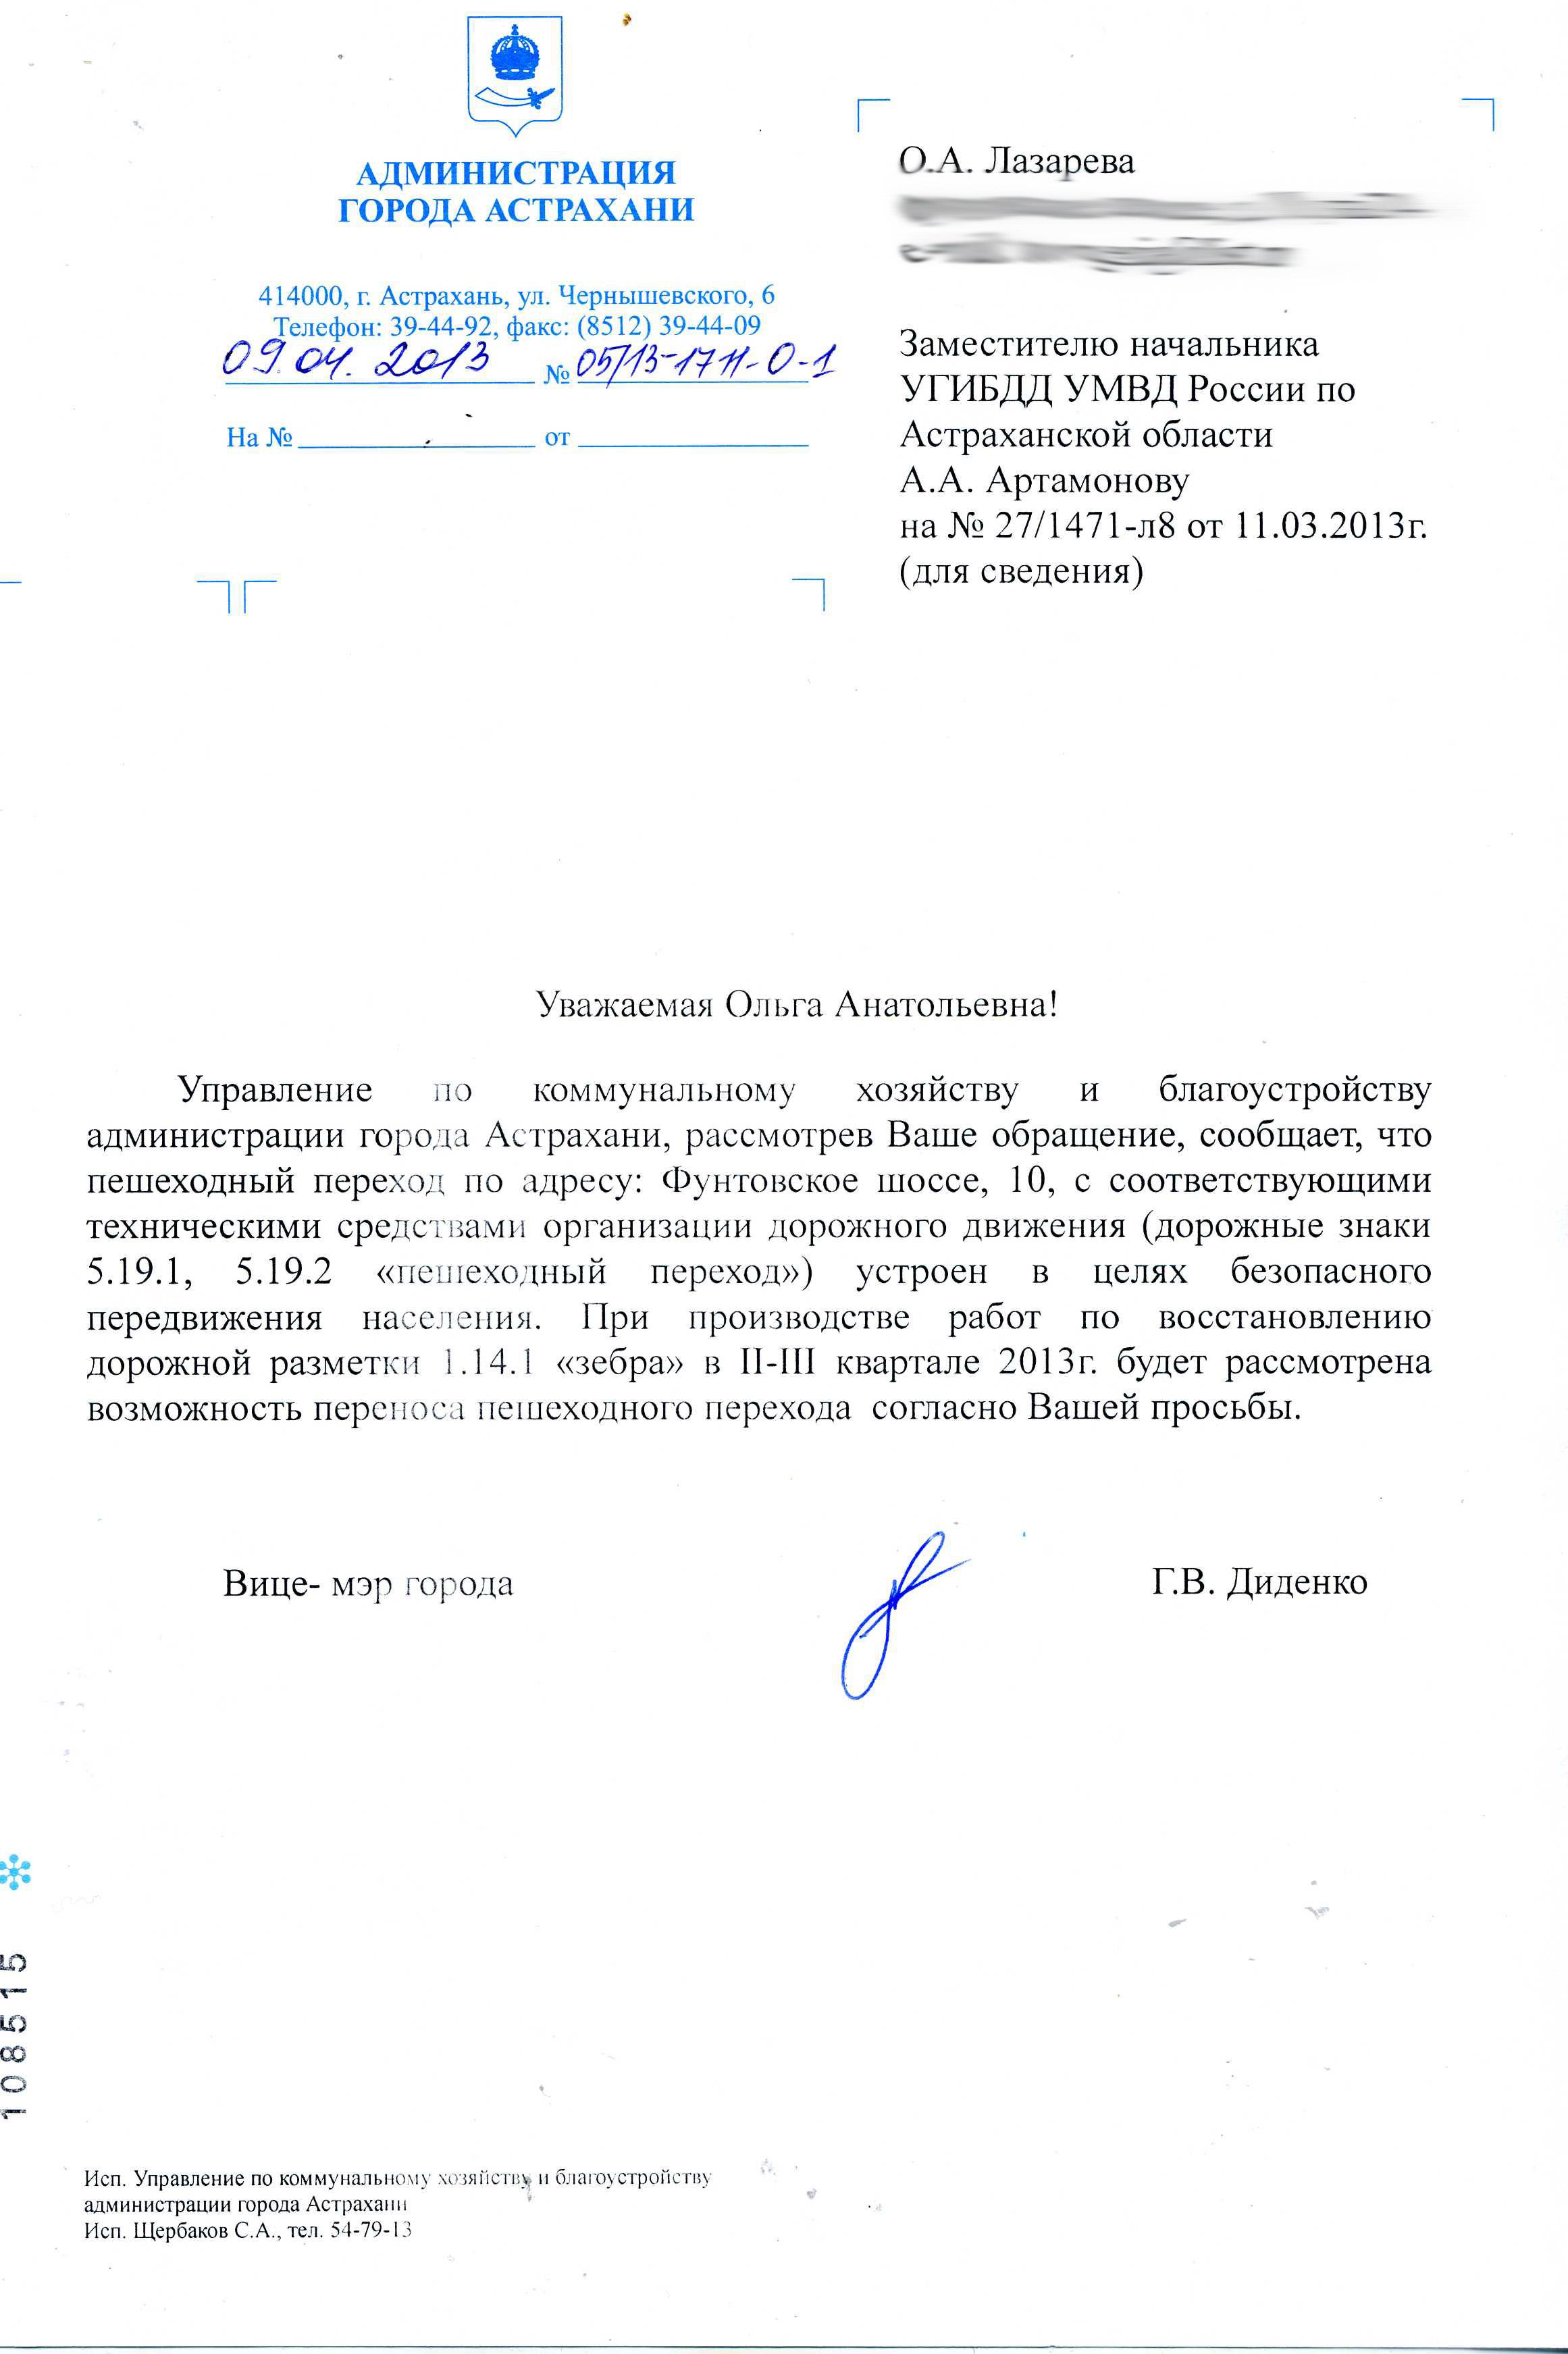 Лазаревой О.А.